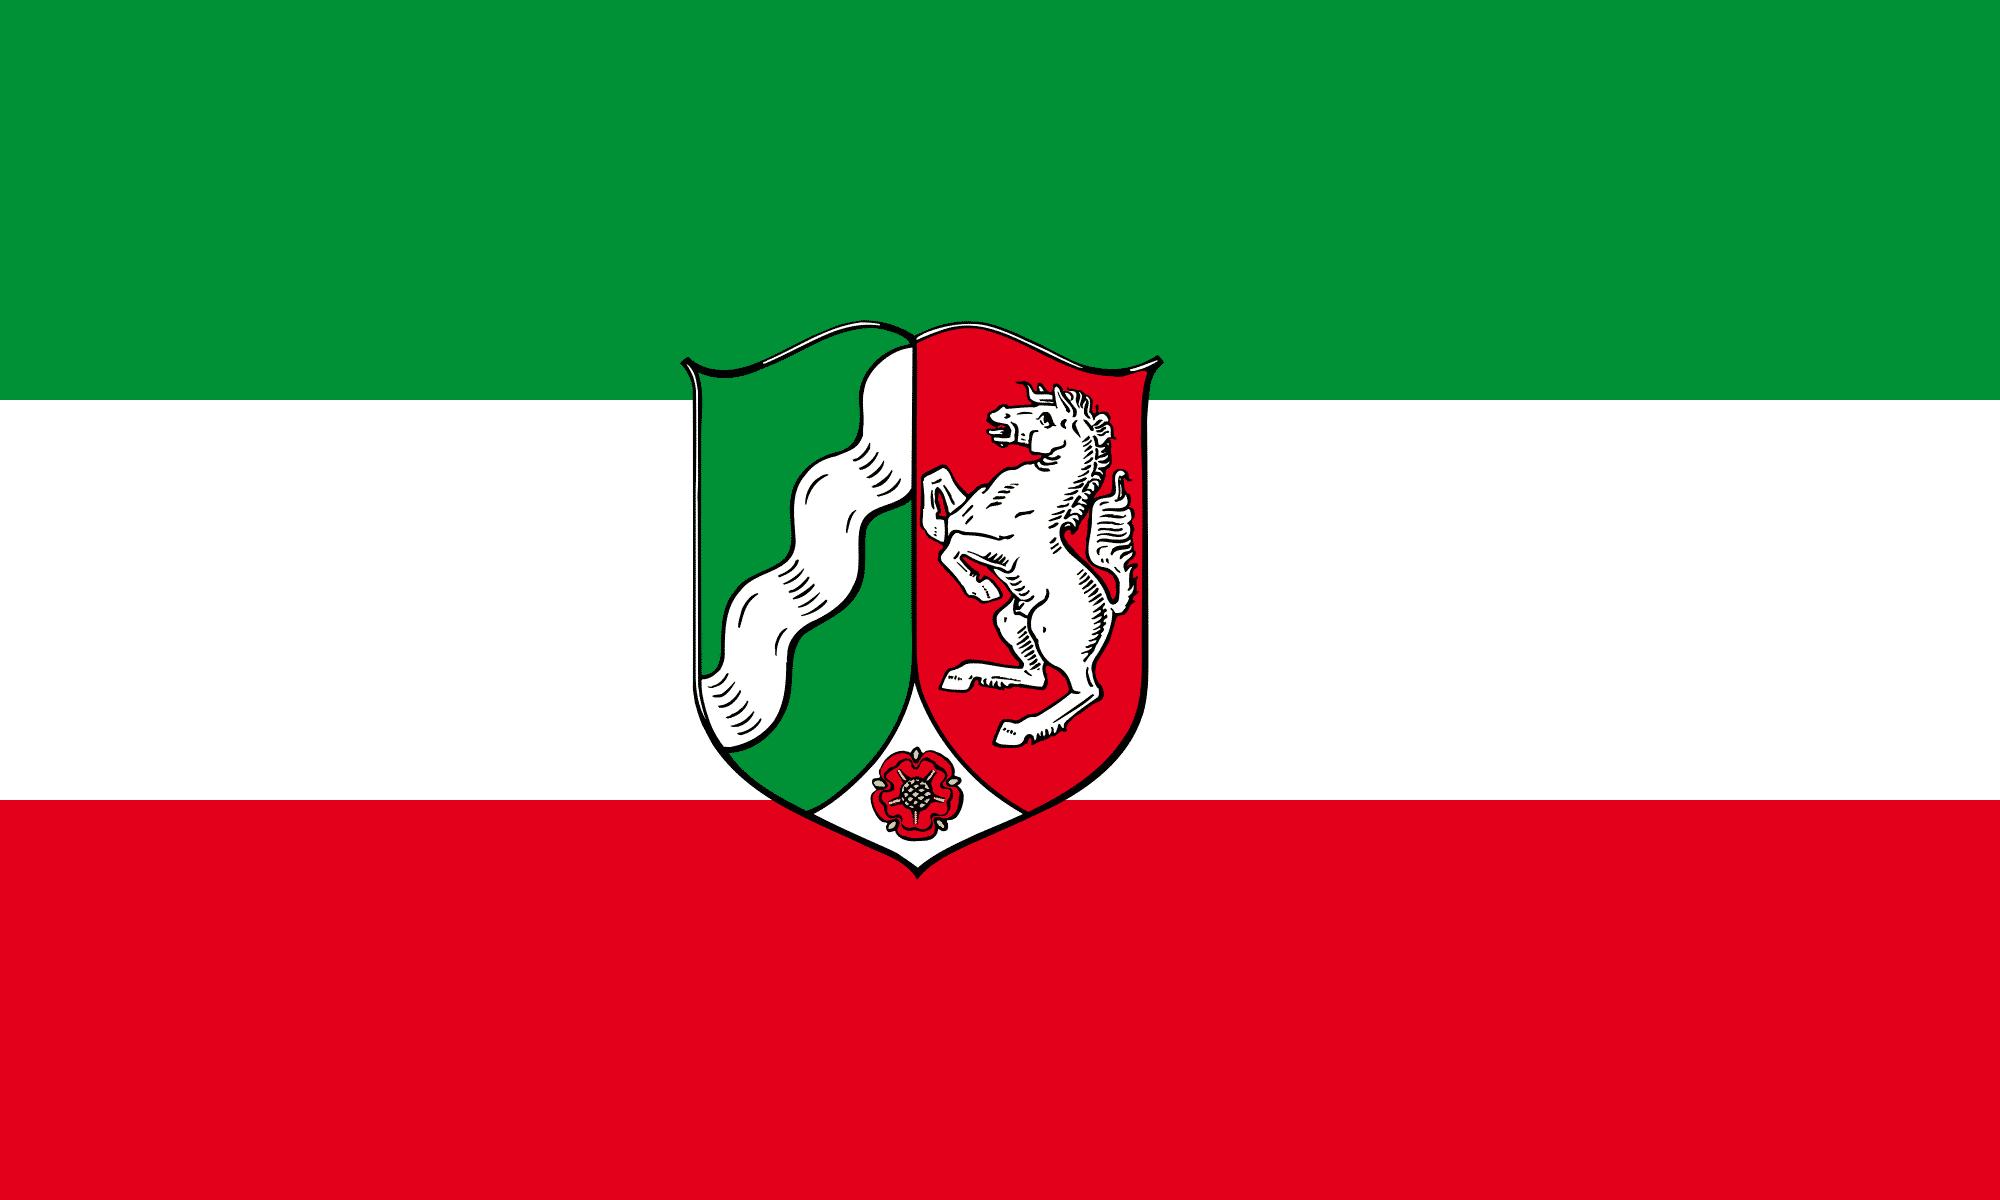 Flagge von Nordrhein-Westfalen (NRW)